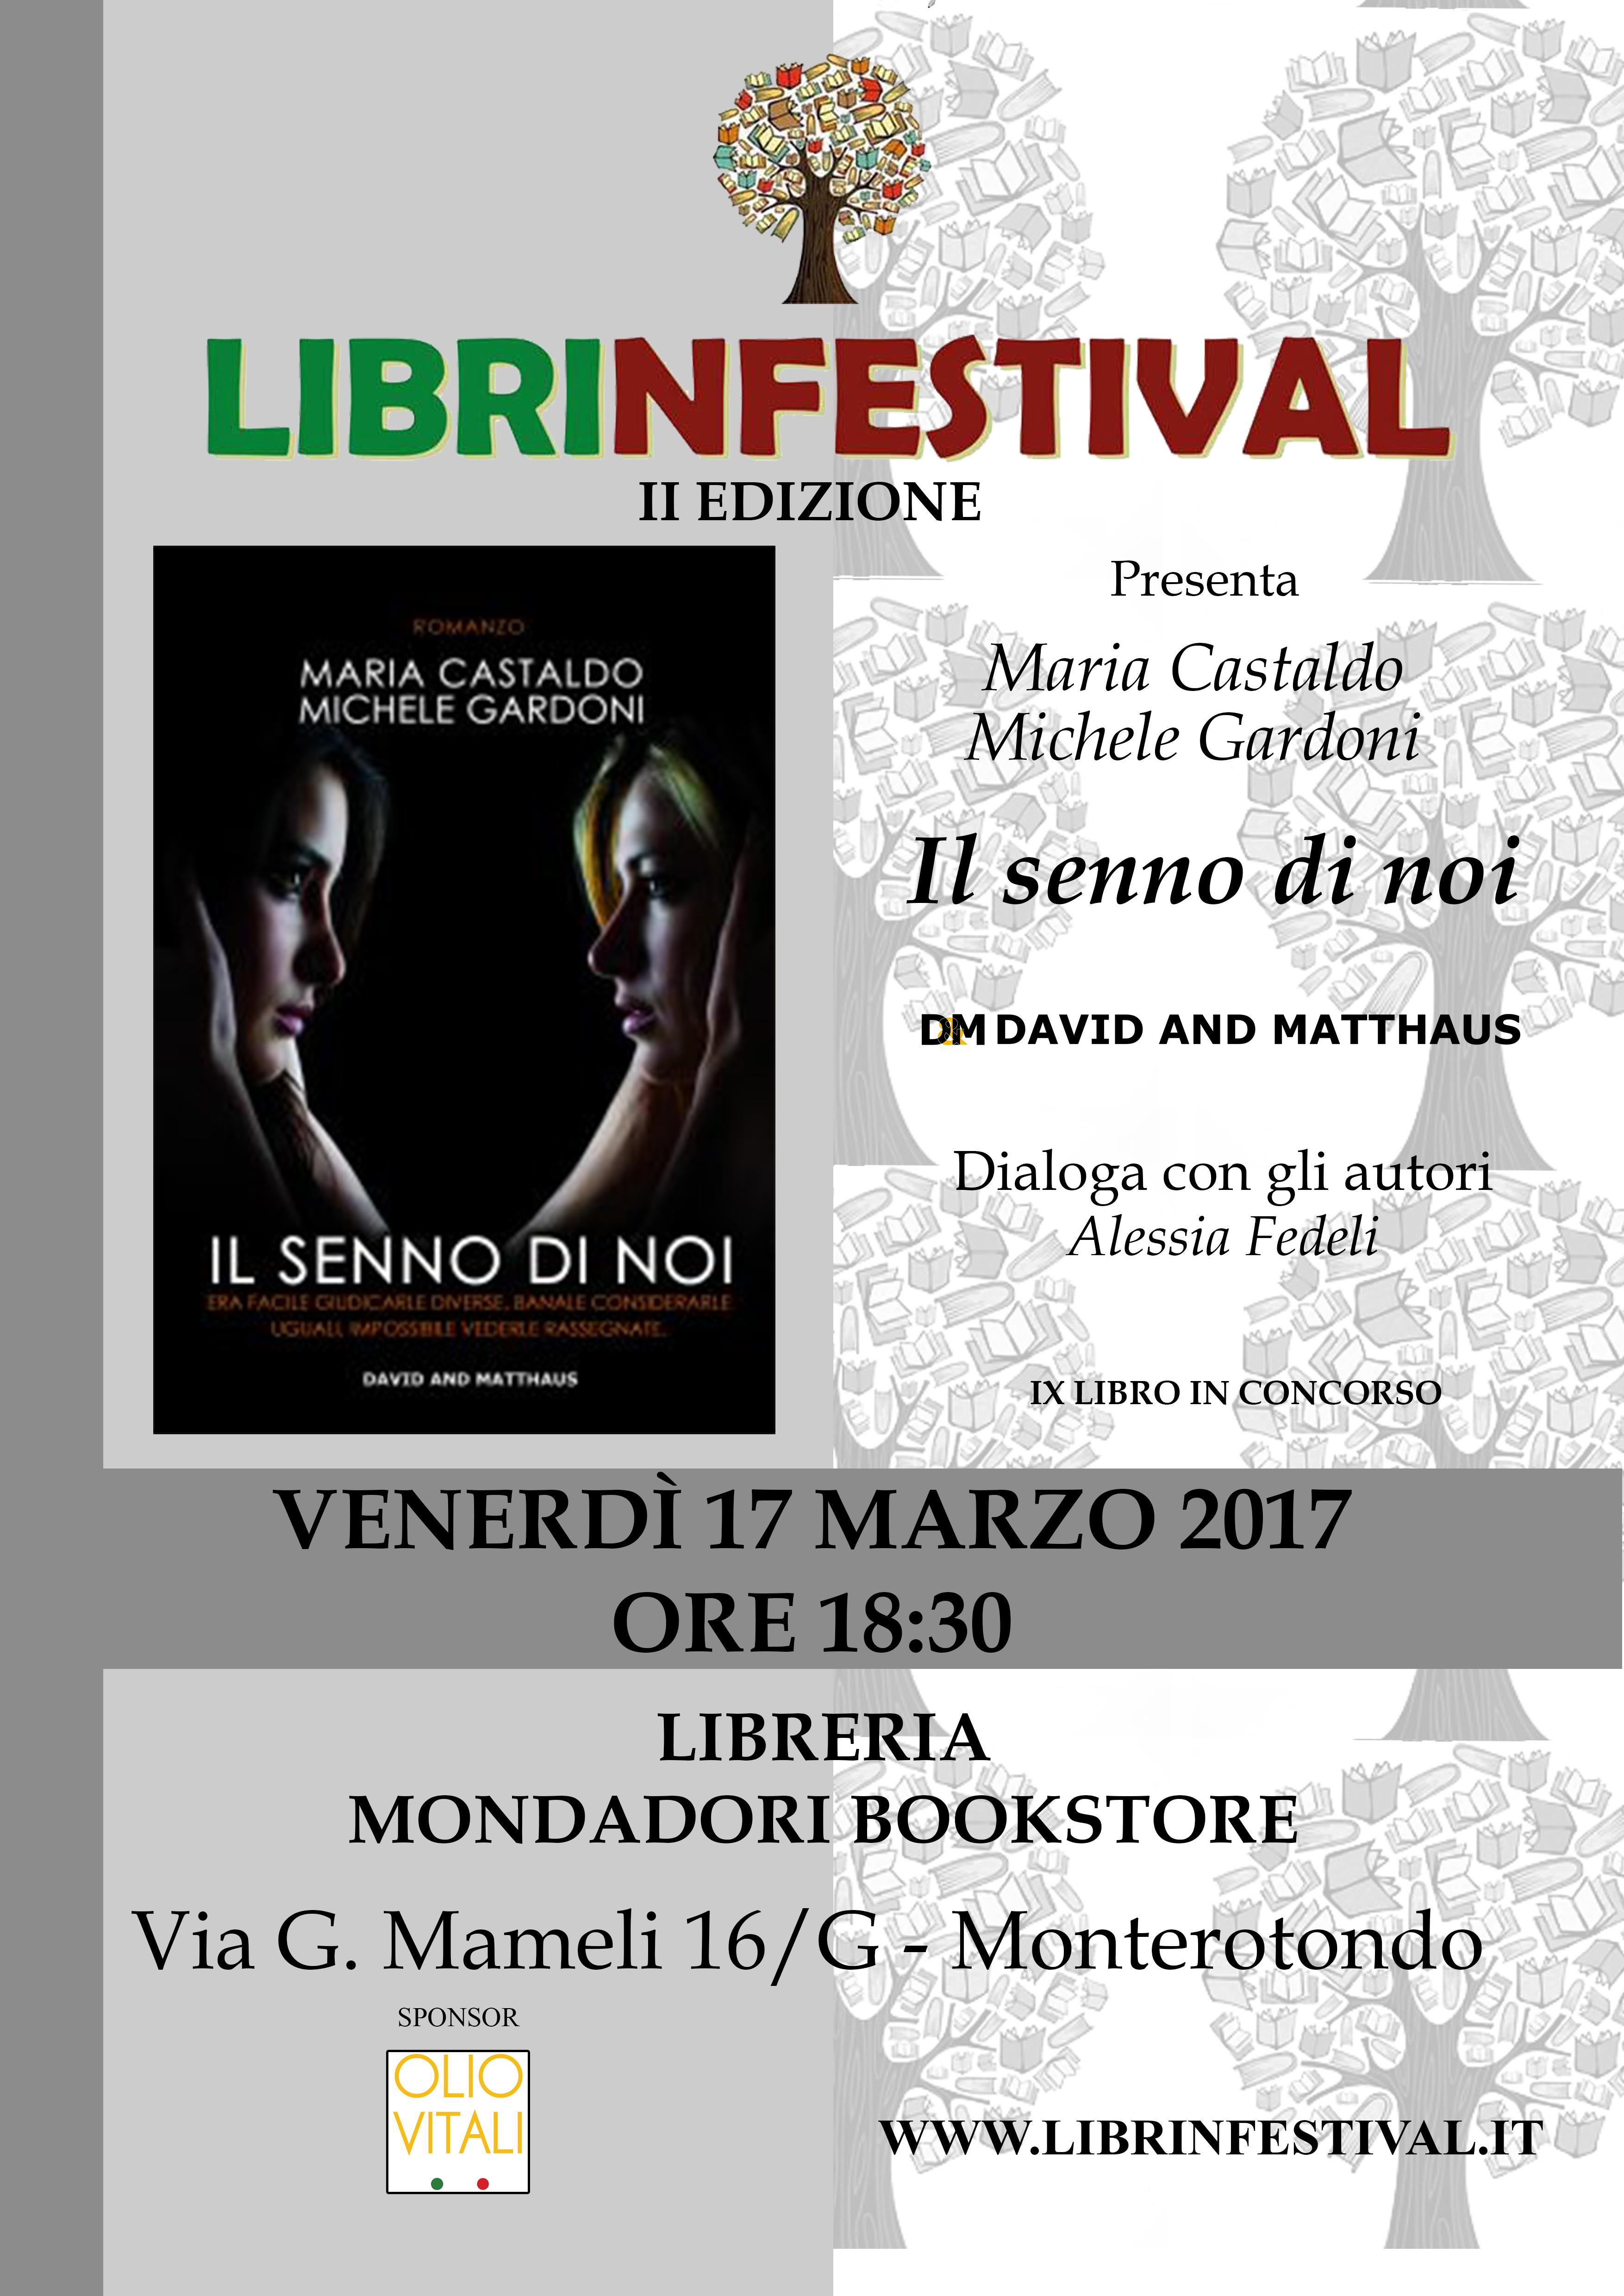 Il senno di noi, Maria Castaldo, Michele Gardoni